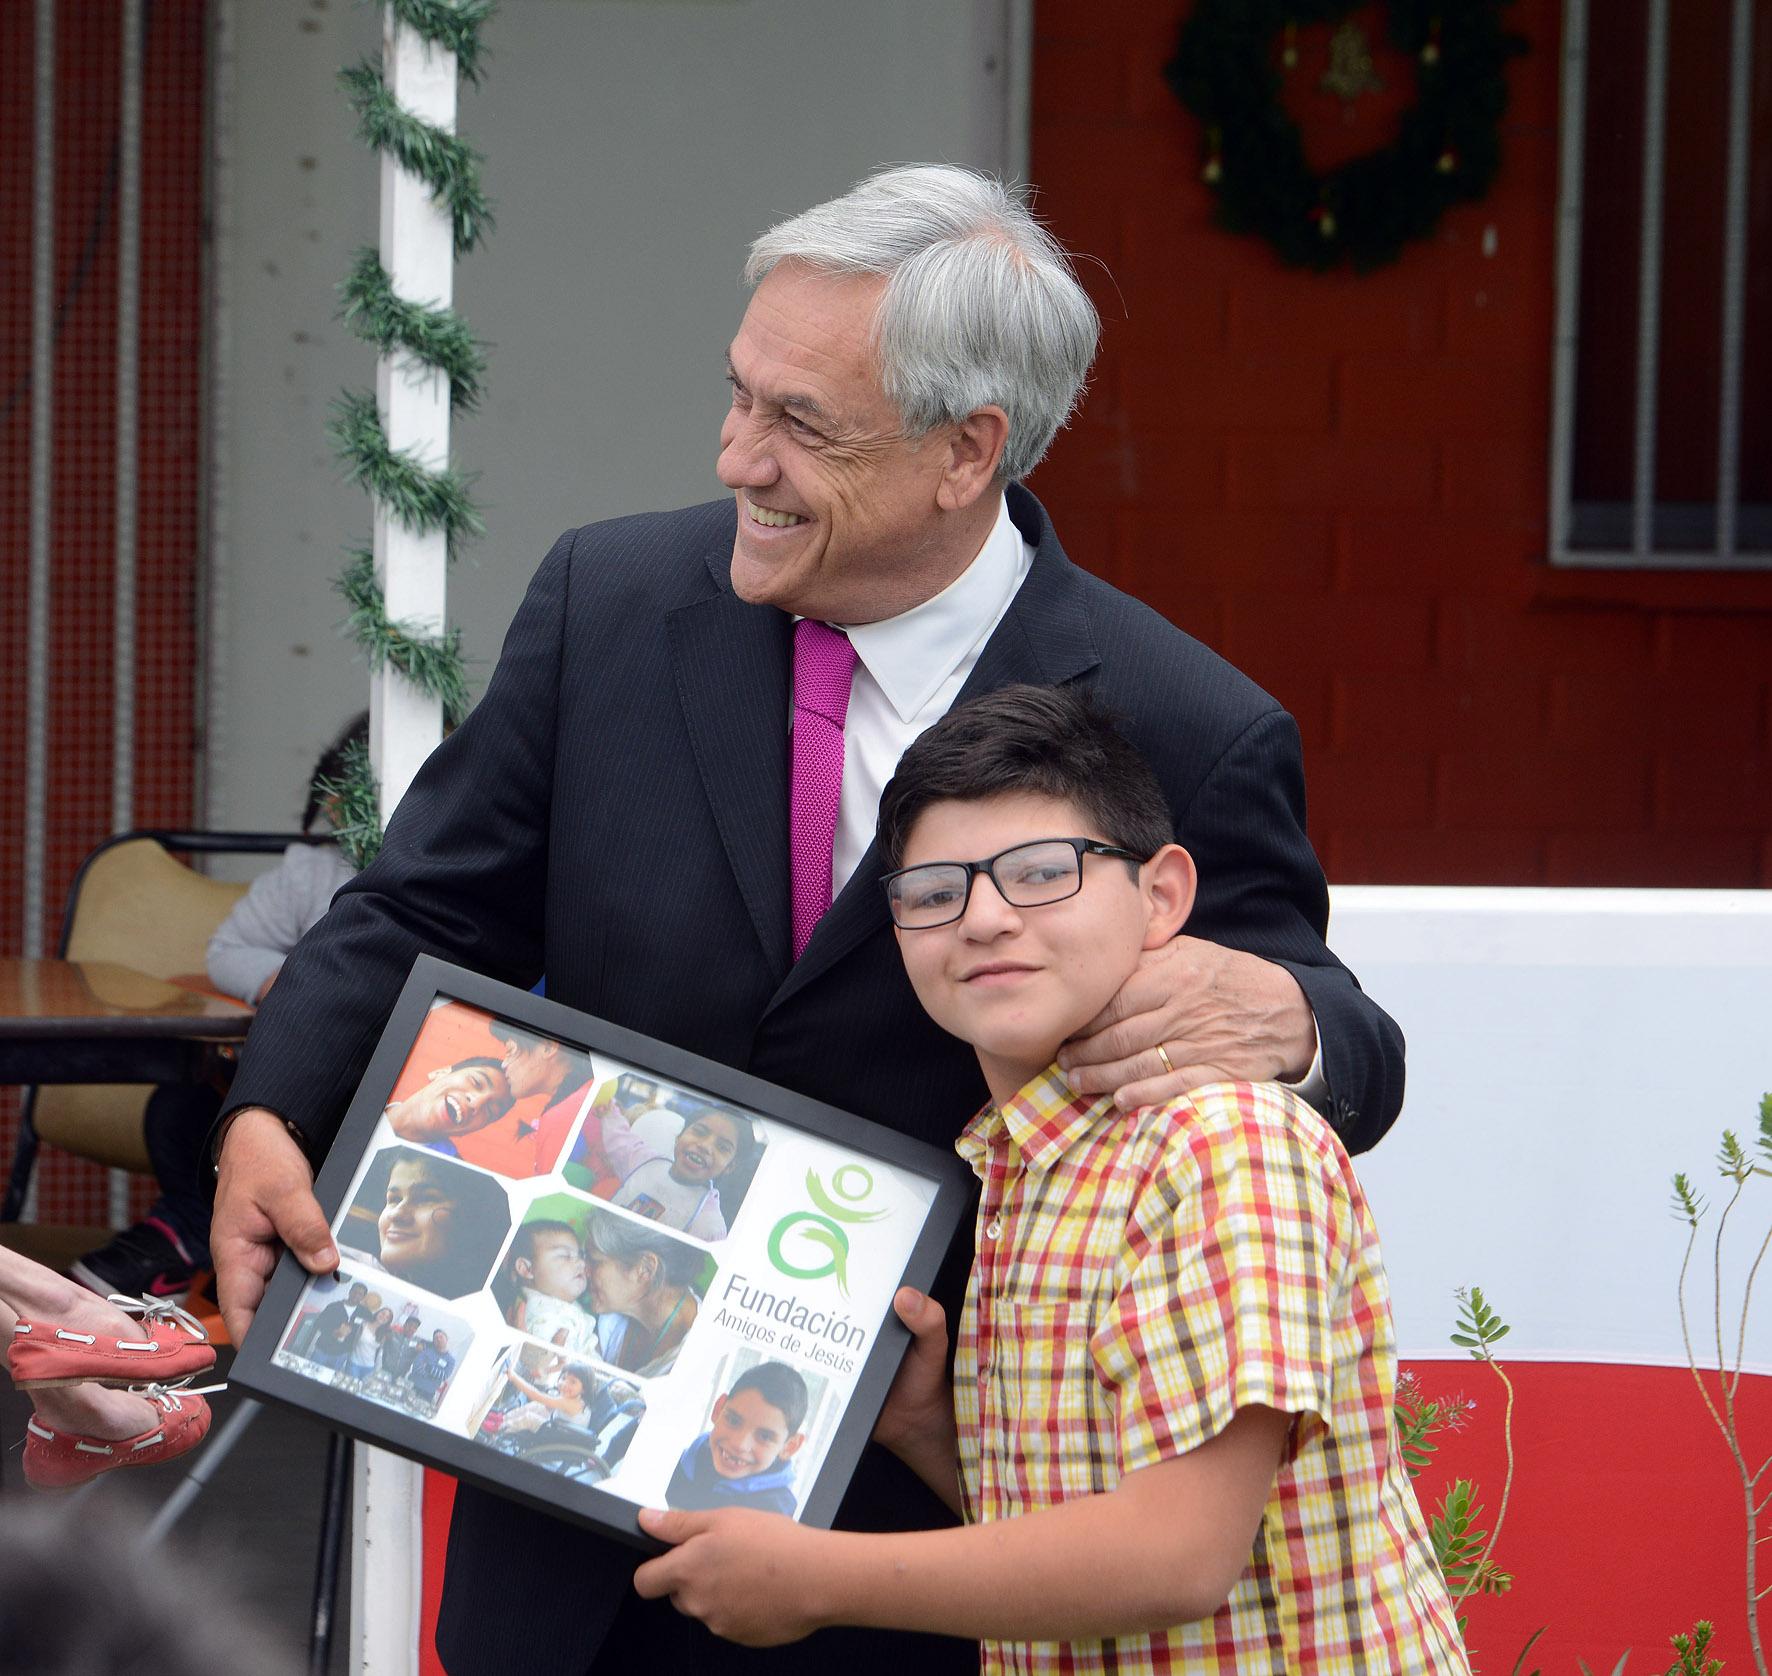 Presidente Piñera lanza Política Nacional para la Inclusión Social de las Personas con Discapacidad